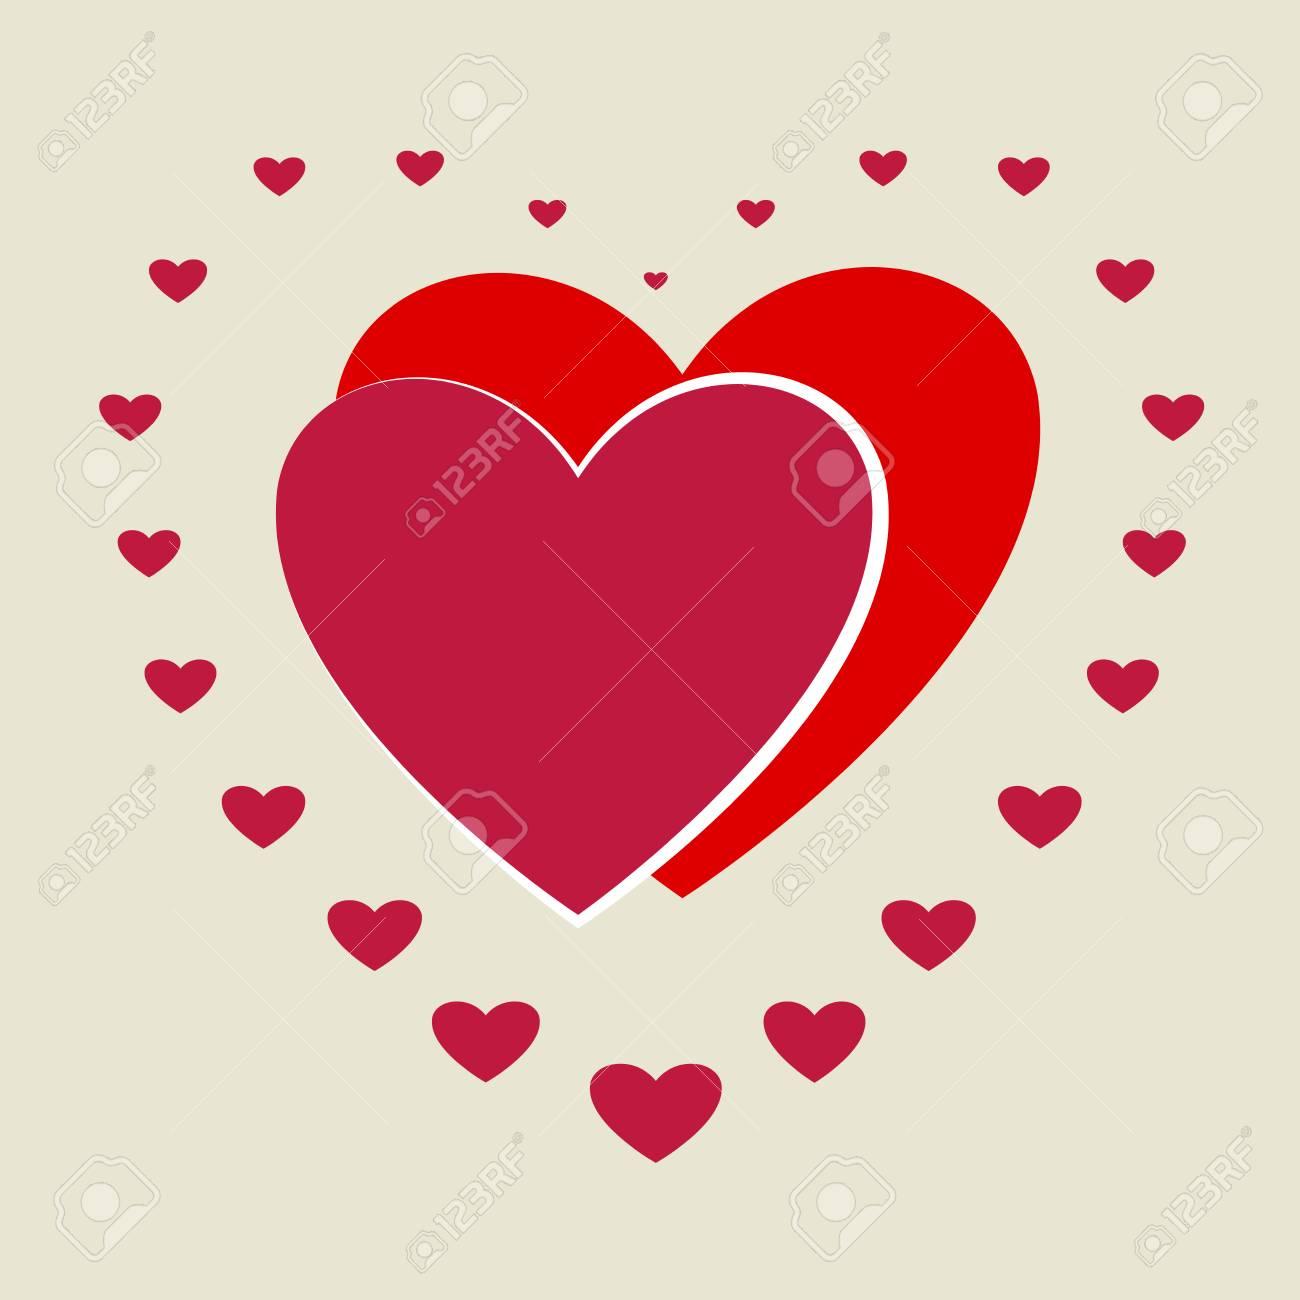 Corazón Pequeño Alrededor De Dos Corazones Grandes Romántico